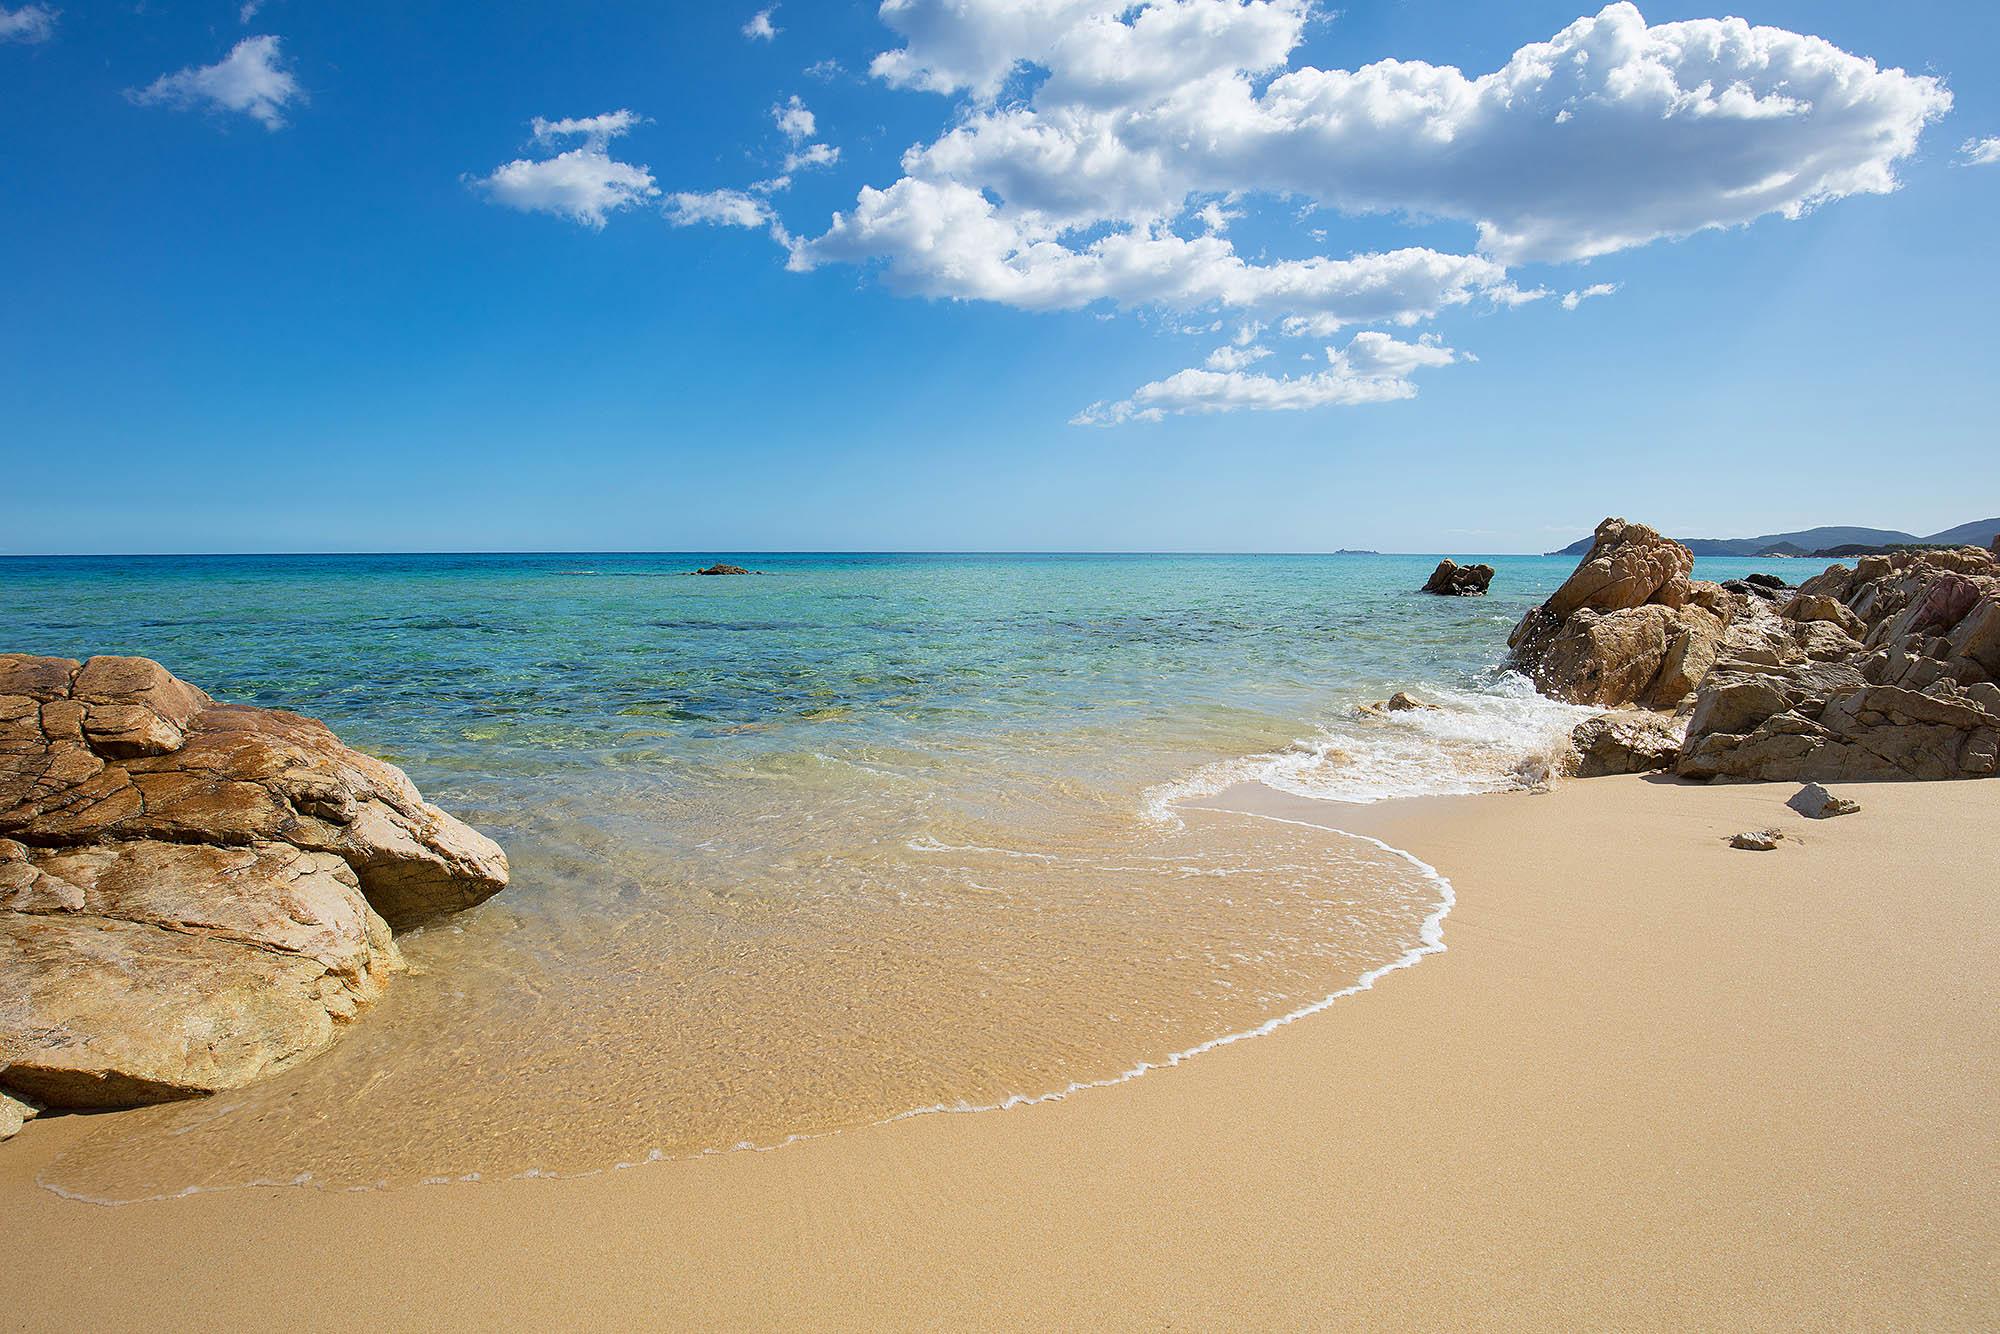 Italien, Sardinien. Mittelmeerstrand an der Costa Rei. Ein Küstenabschnitt an der Ostküste der Insel.